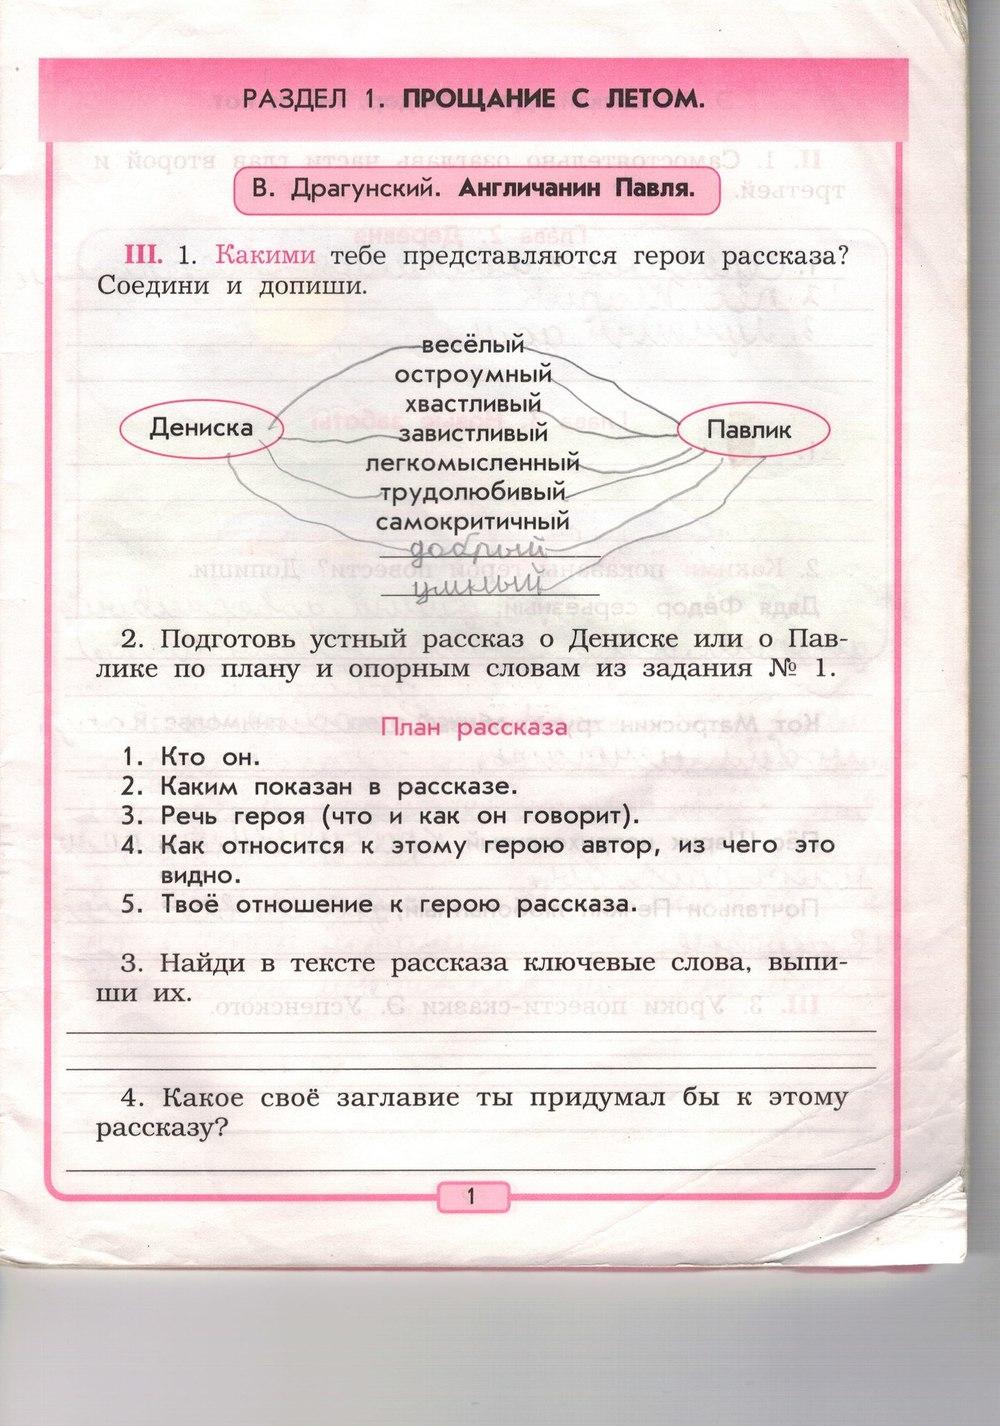 Рабочая тетрадь чтению бунеева 2 класс